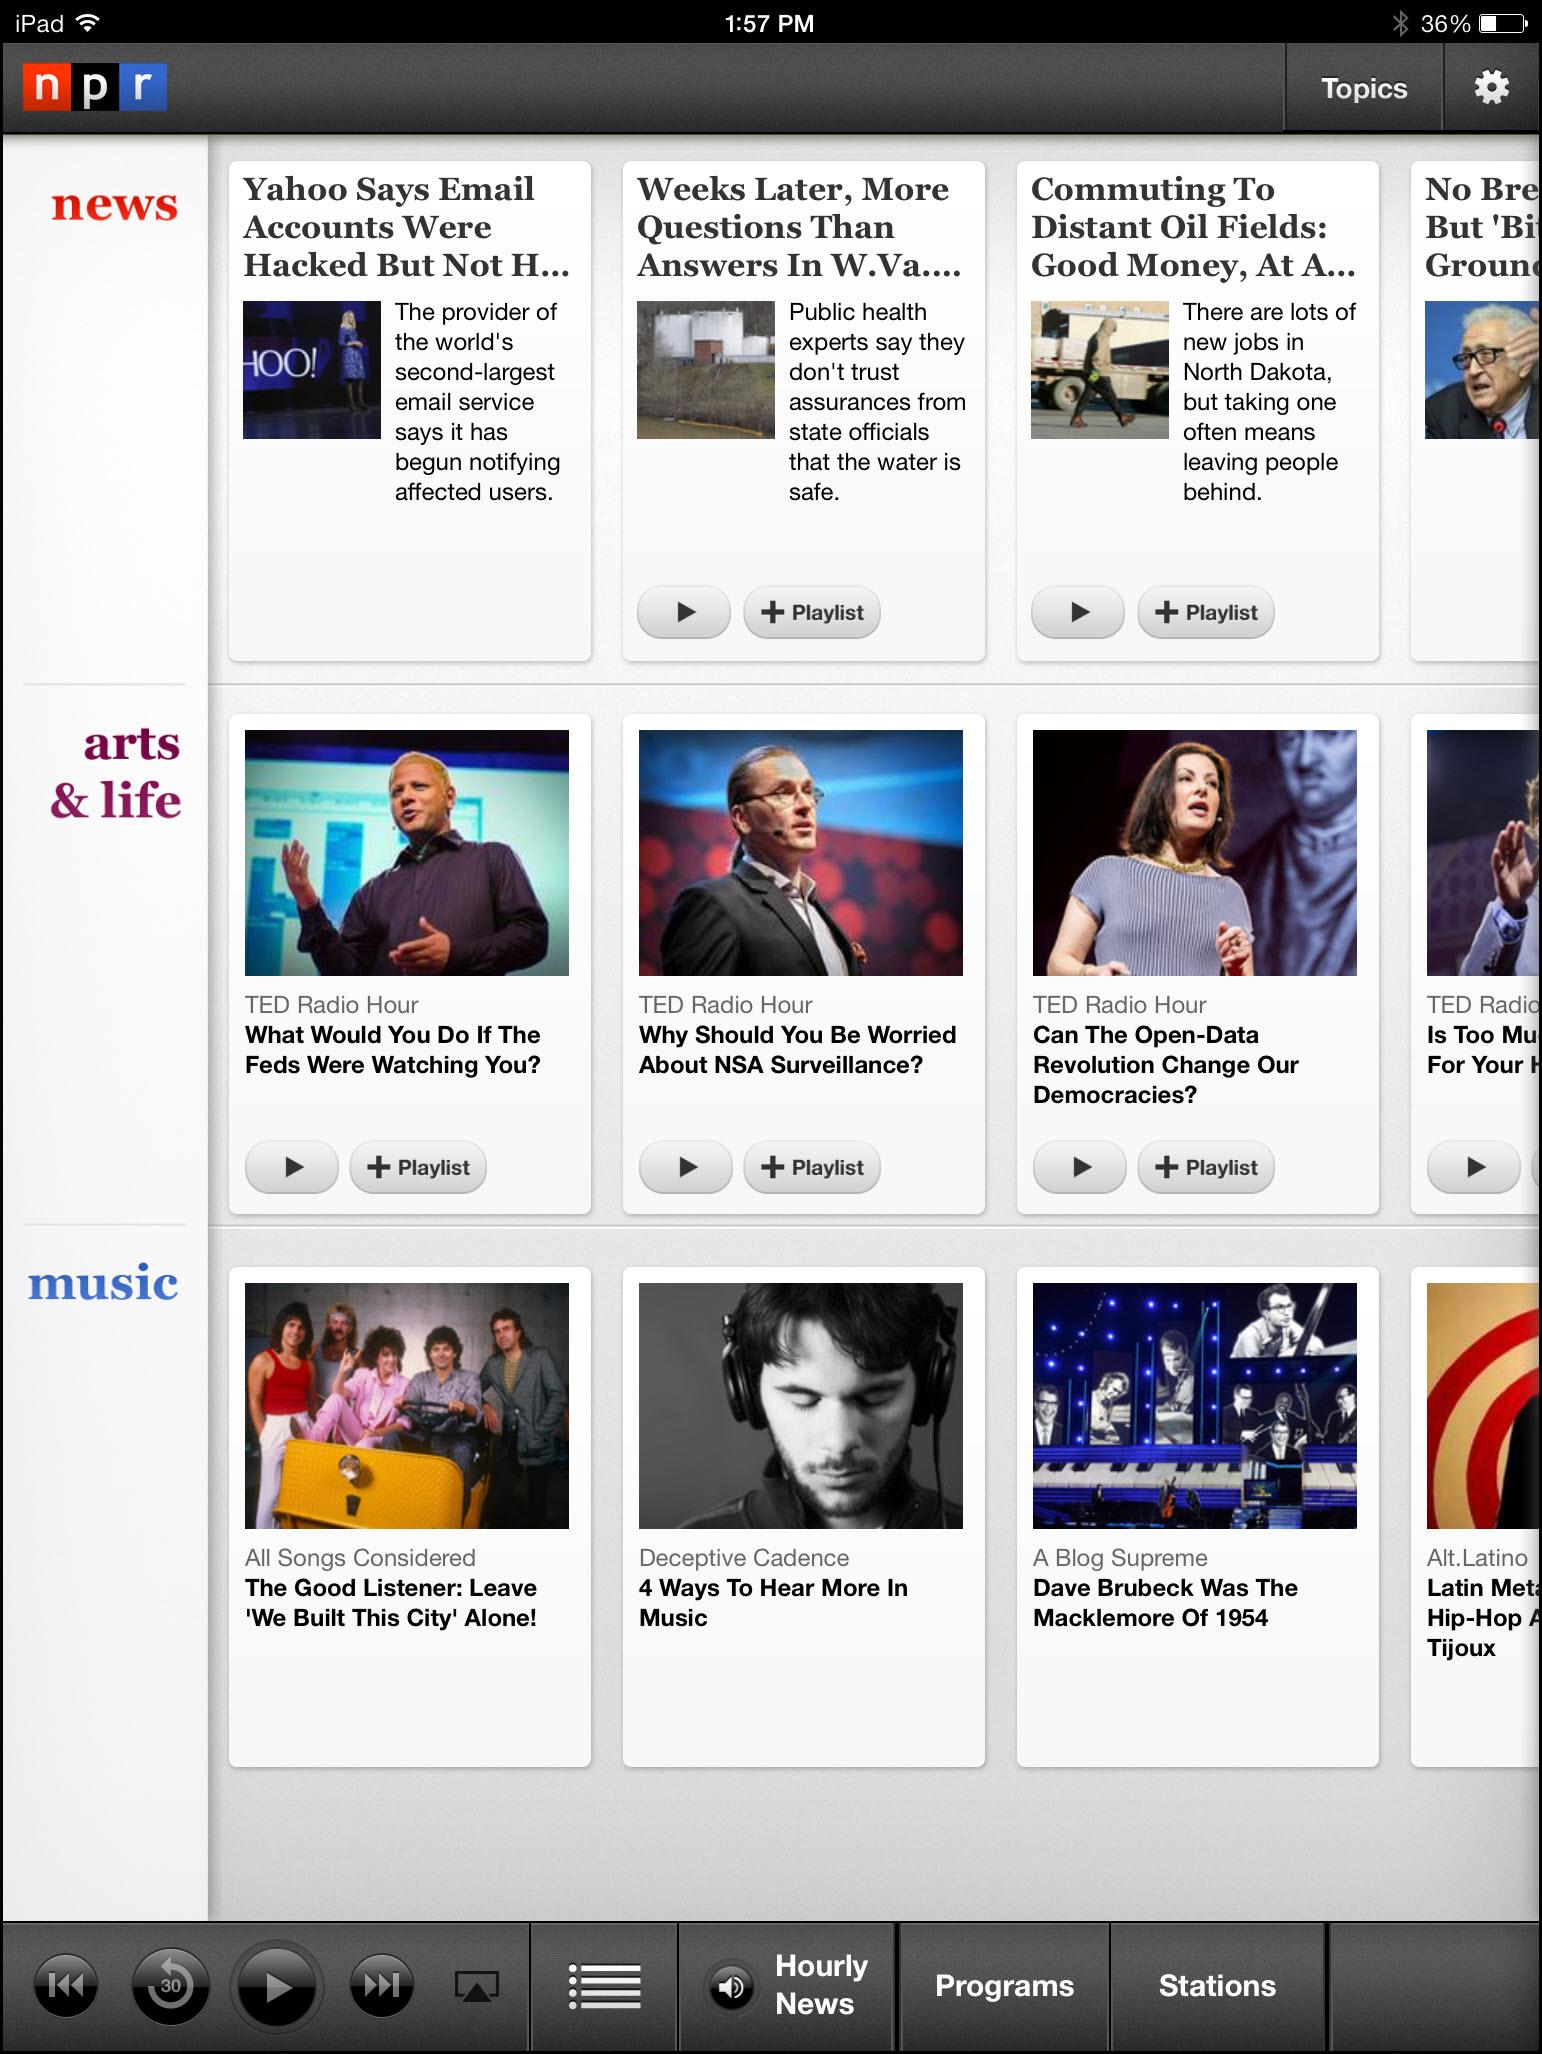 NPRのiPad アプリはリラックスして、あるいは暇つぶしに、くつろいで記事を眺めたい人向けにデザインされている。